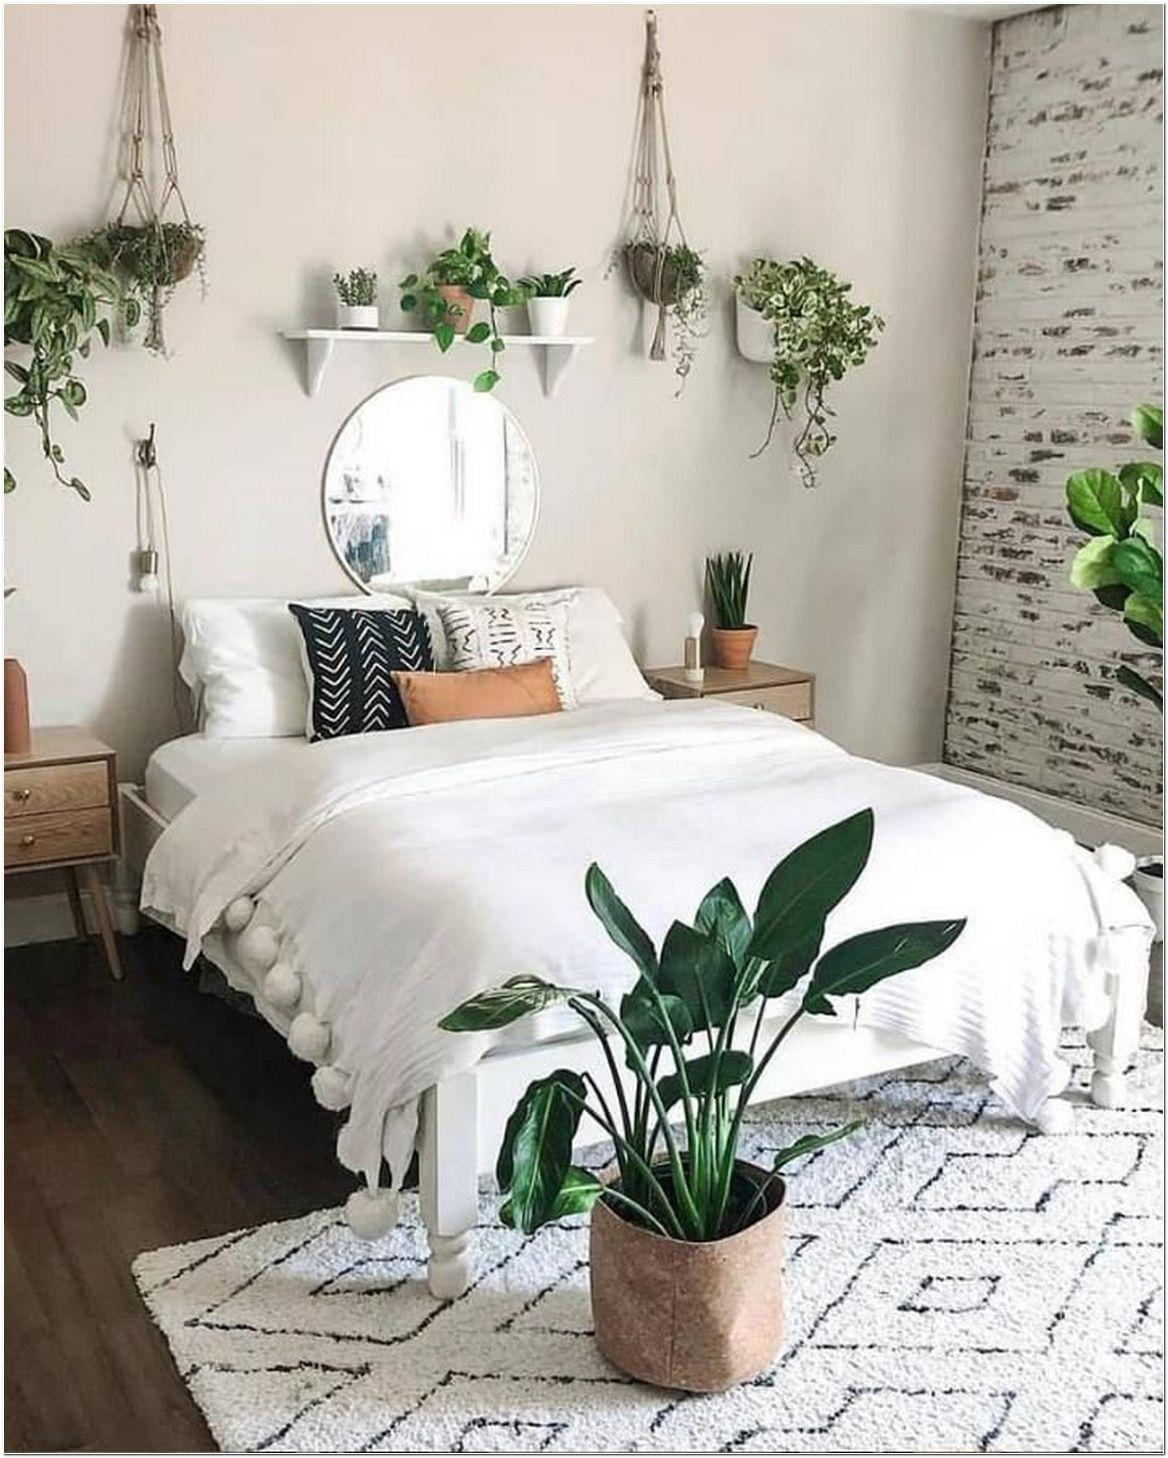 Phòng ngủ trang trí cây xanh theo phong thủy